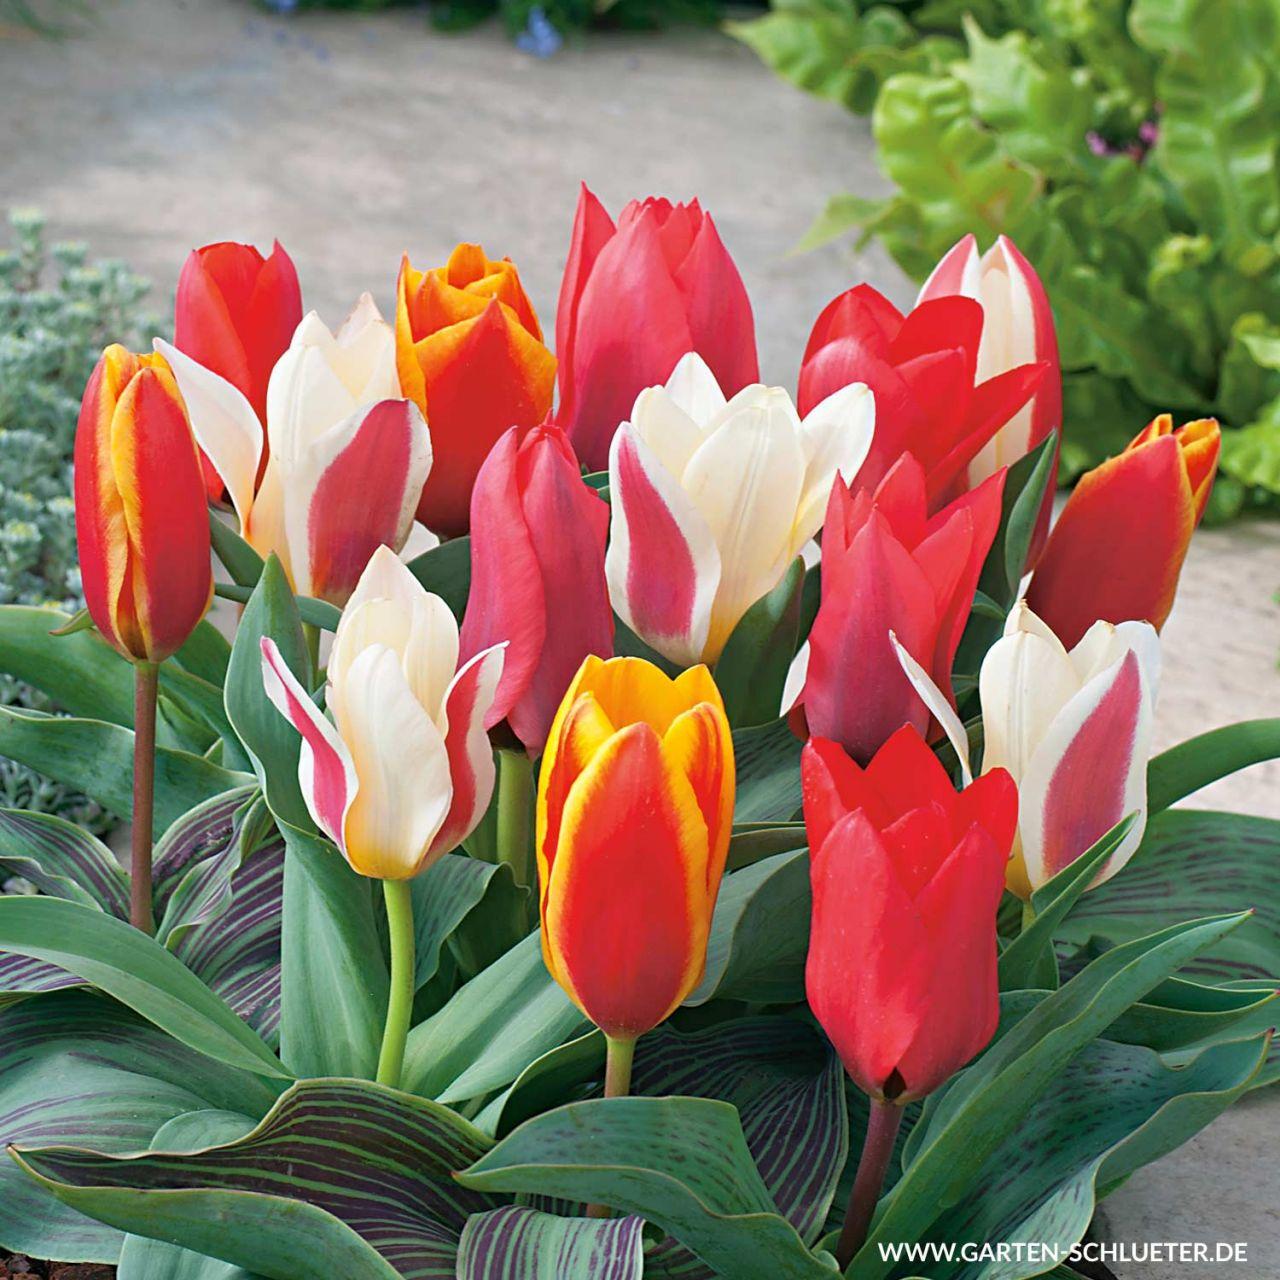 Garten-Schlueter.de: Botanische Tulpe Top - Mischung - 10 Stück